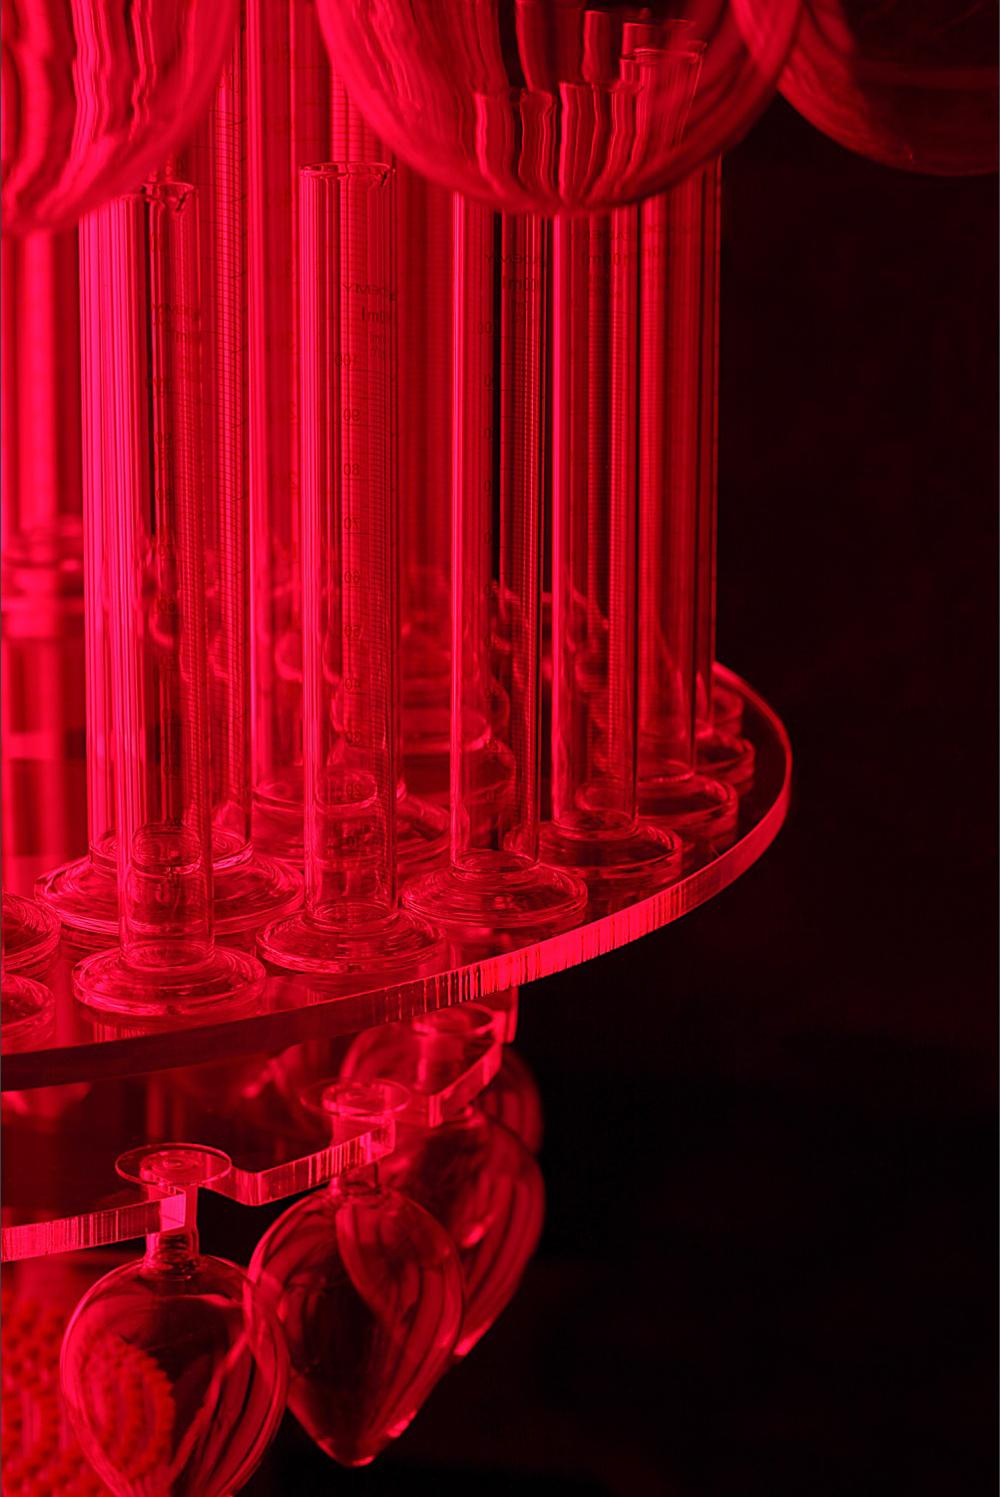 Pinkglassdetail4-gallery.jpg